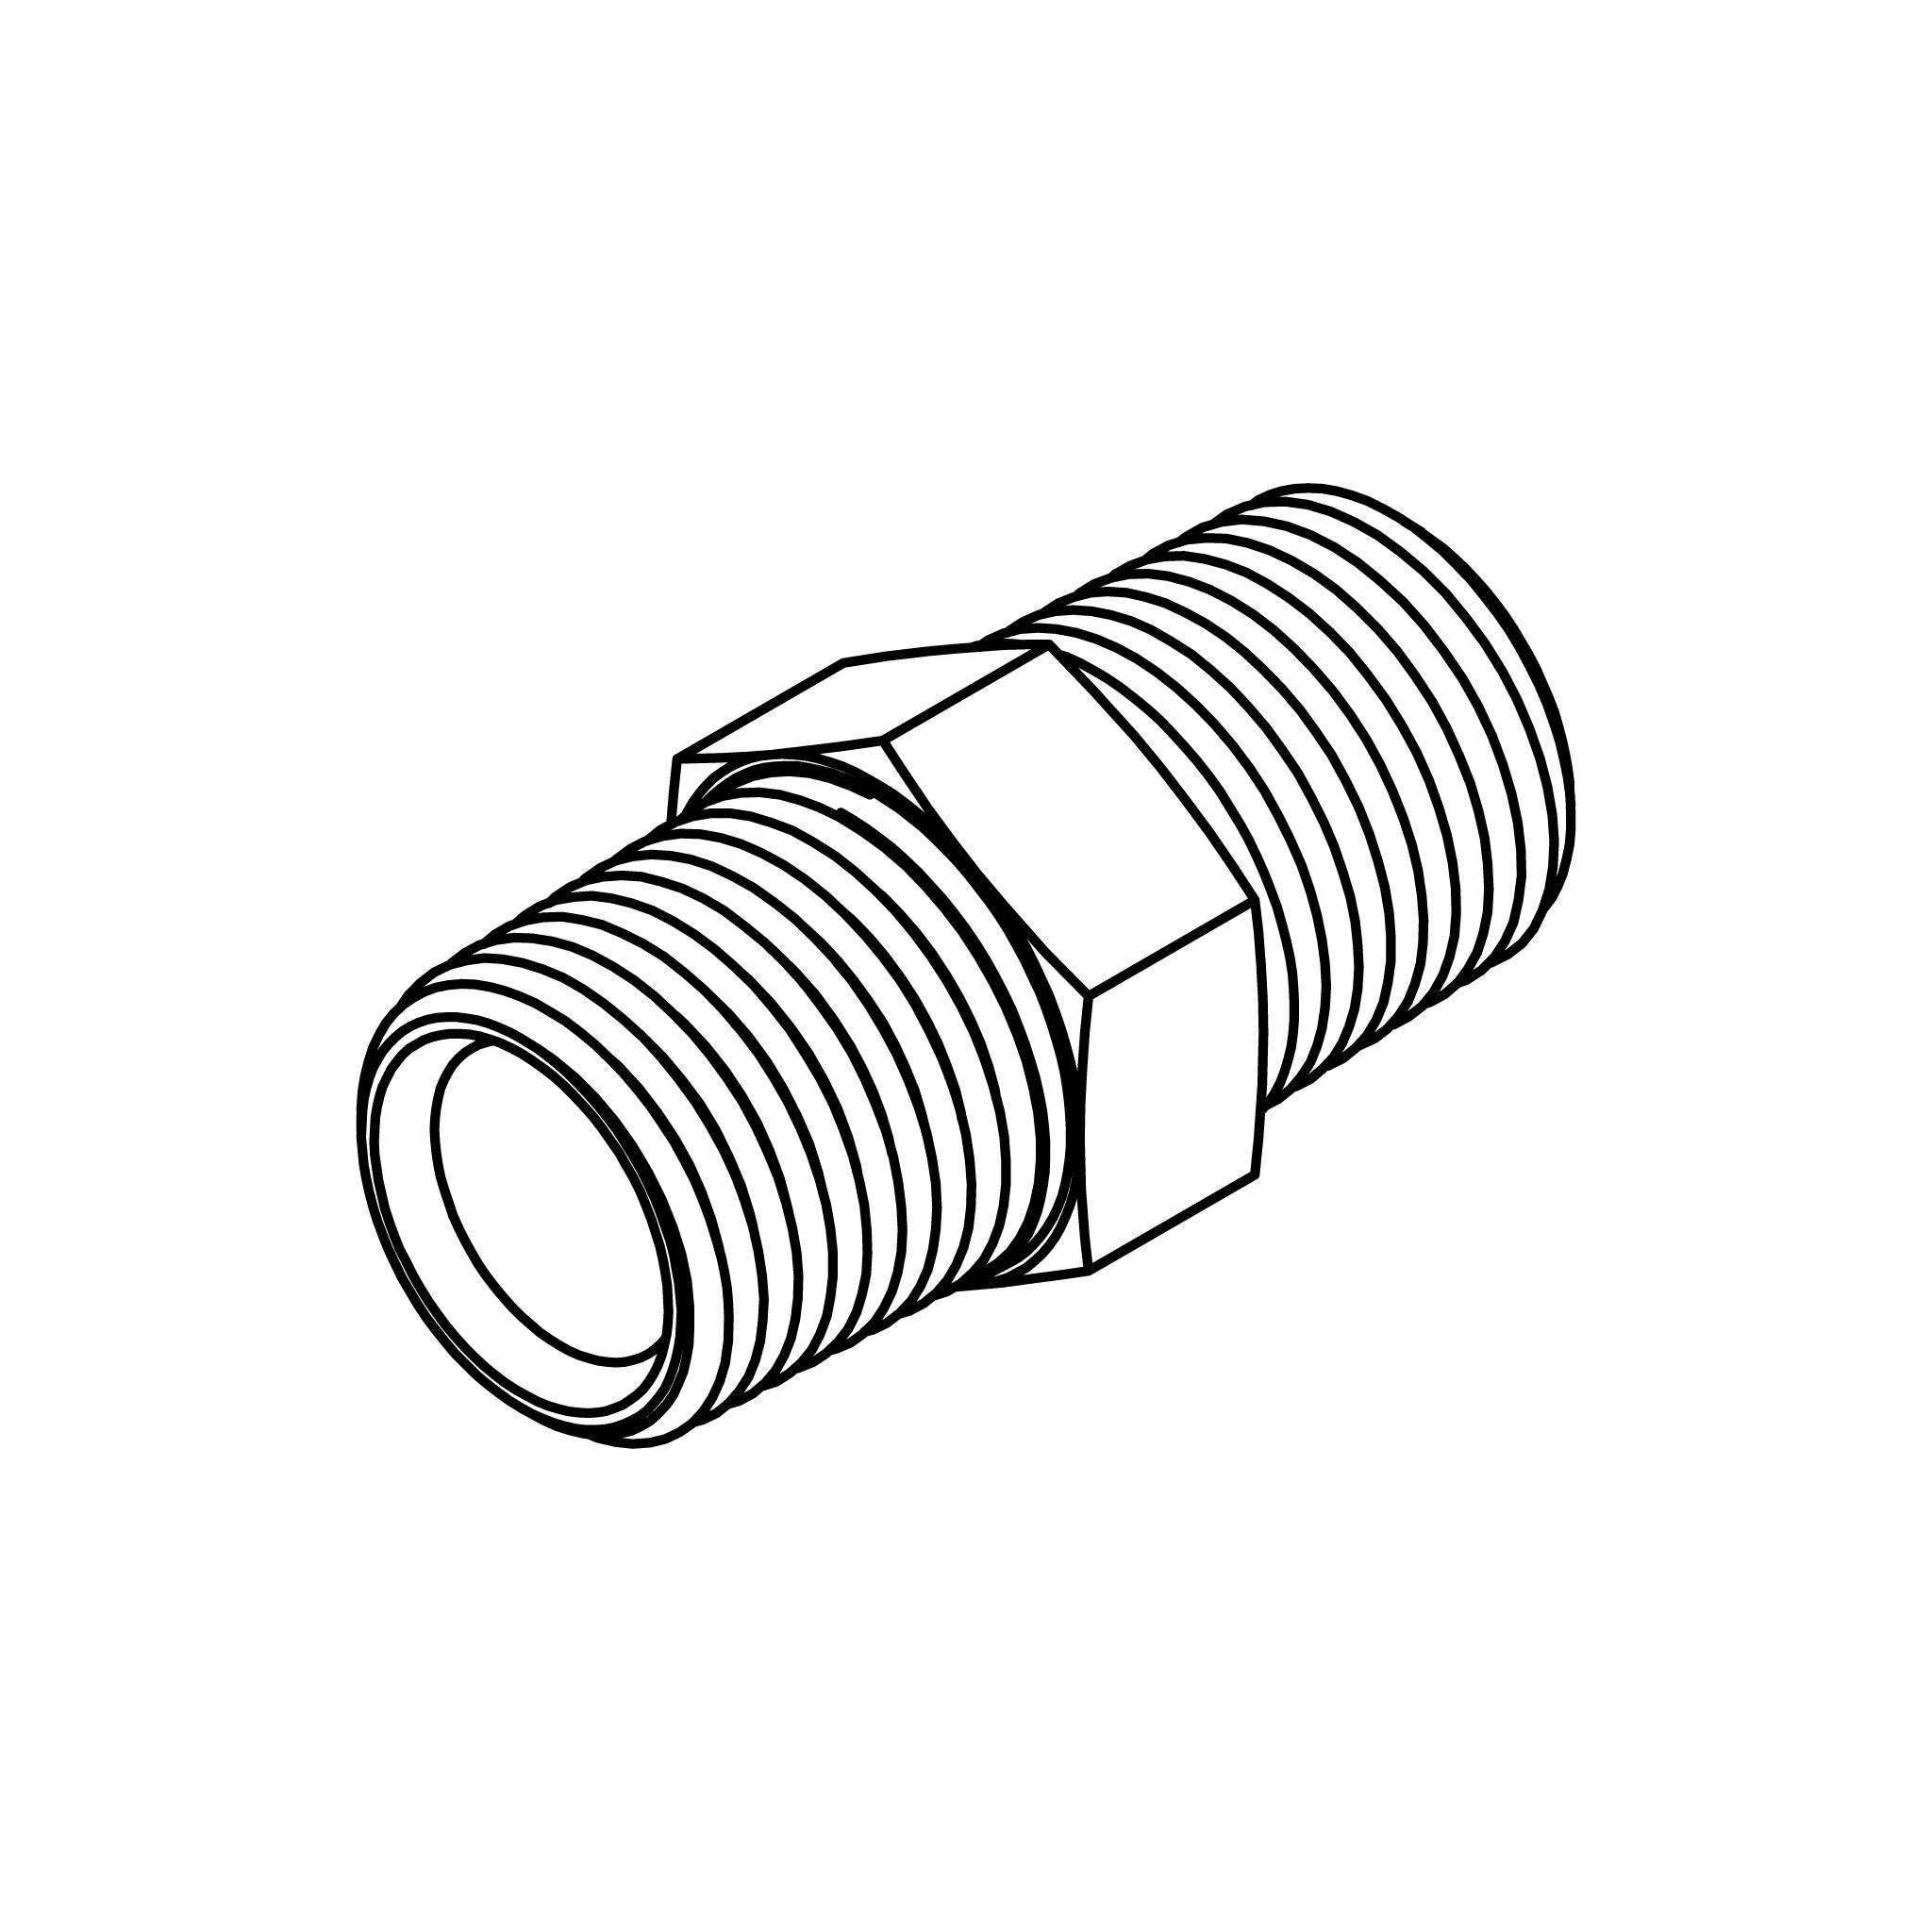 MNPT-MNPT Adpt 3//8-18x1//4-18 Hex Nipple